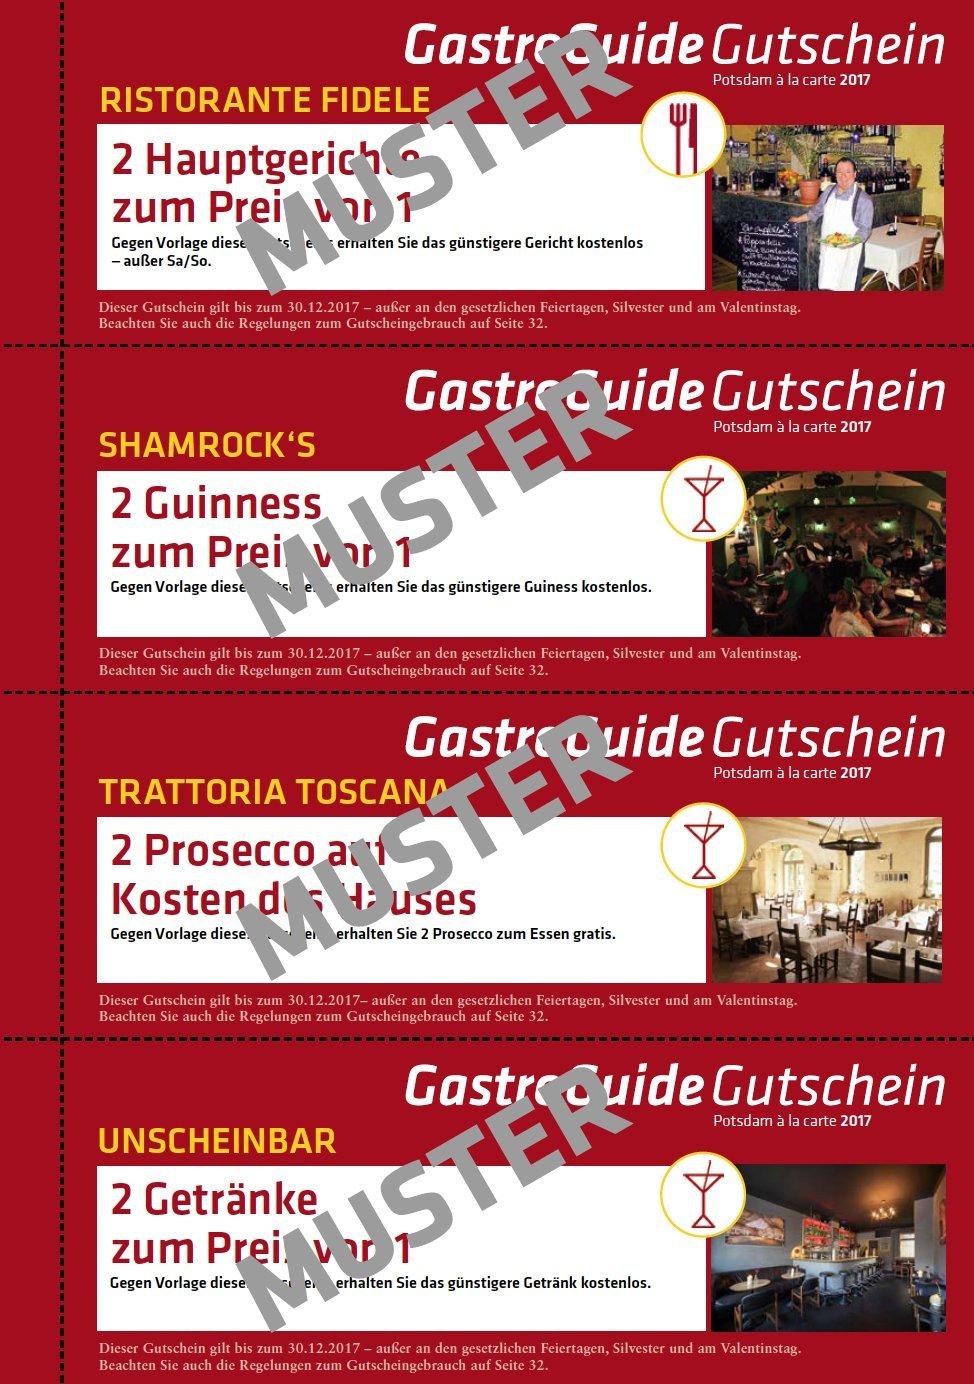 EVENTS GastroGuide 2017 Für Potsdam Und Umgebung / 34 Gutscheine Ab Sofort  Gültig Bis 30.12.2017: Amazon.de: SEIPT.MEDIA: Bücher